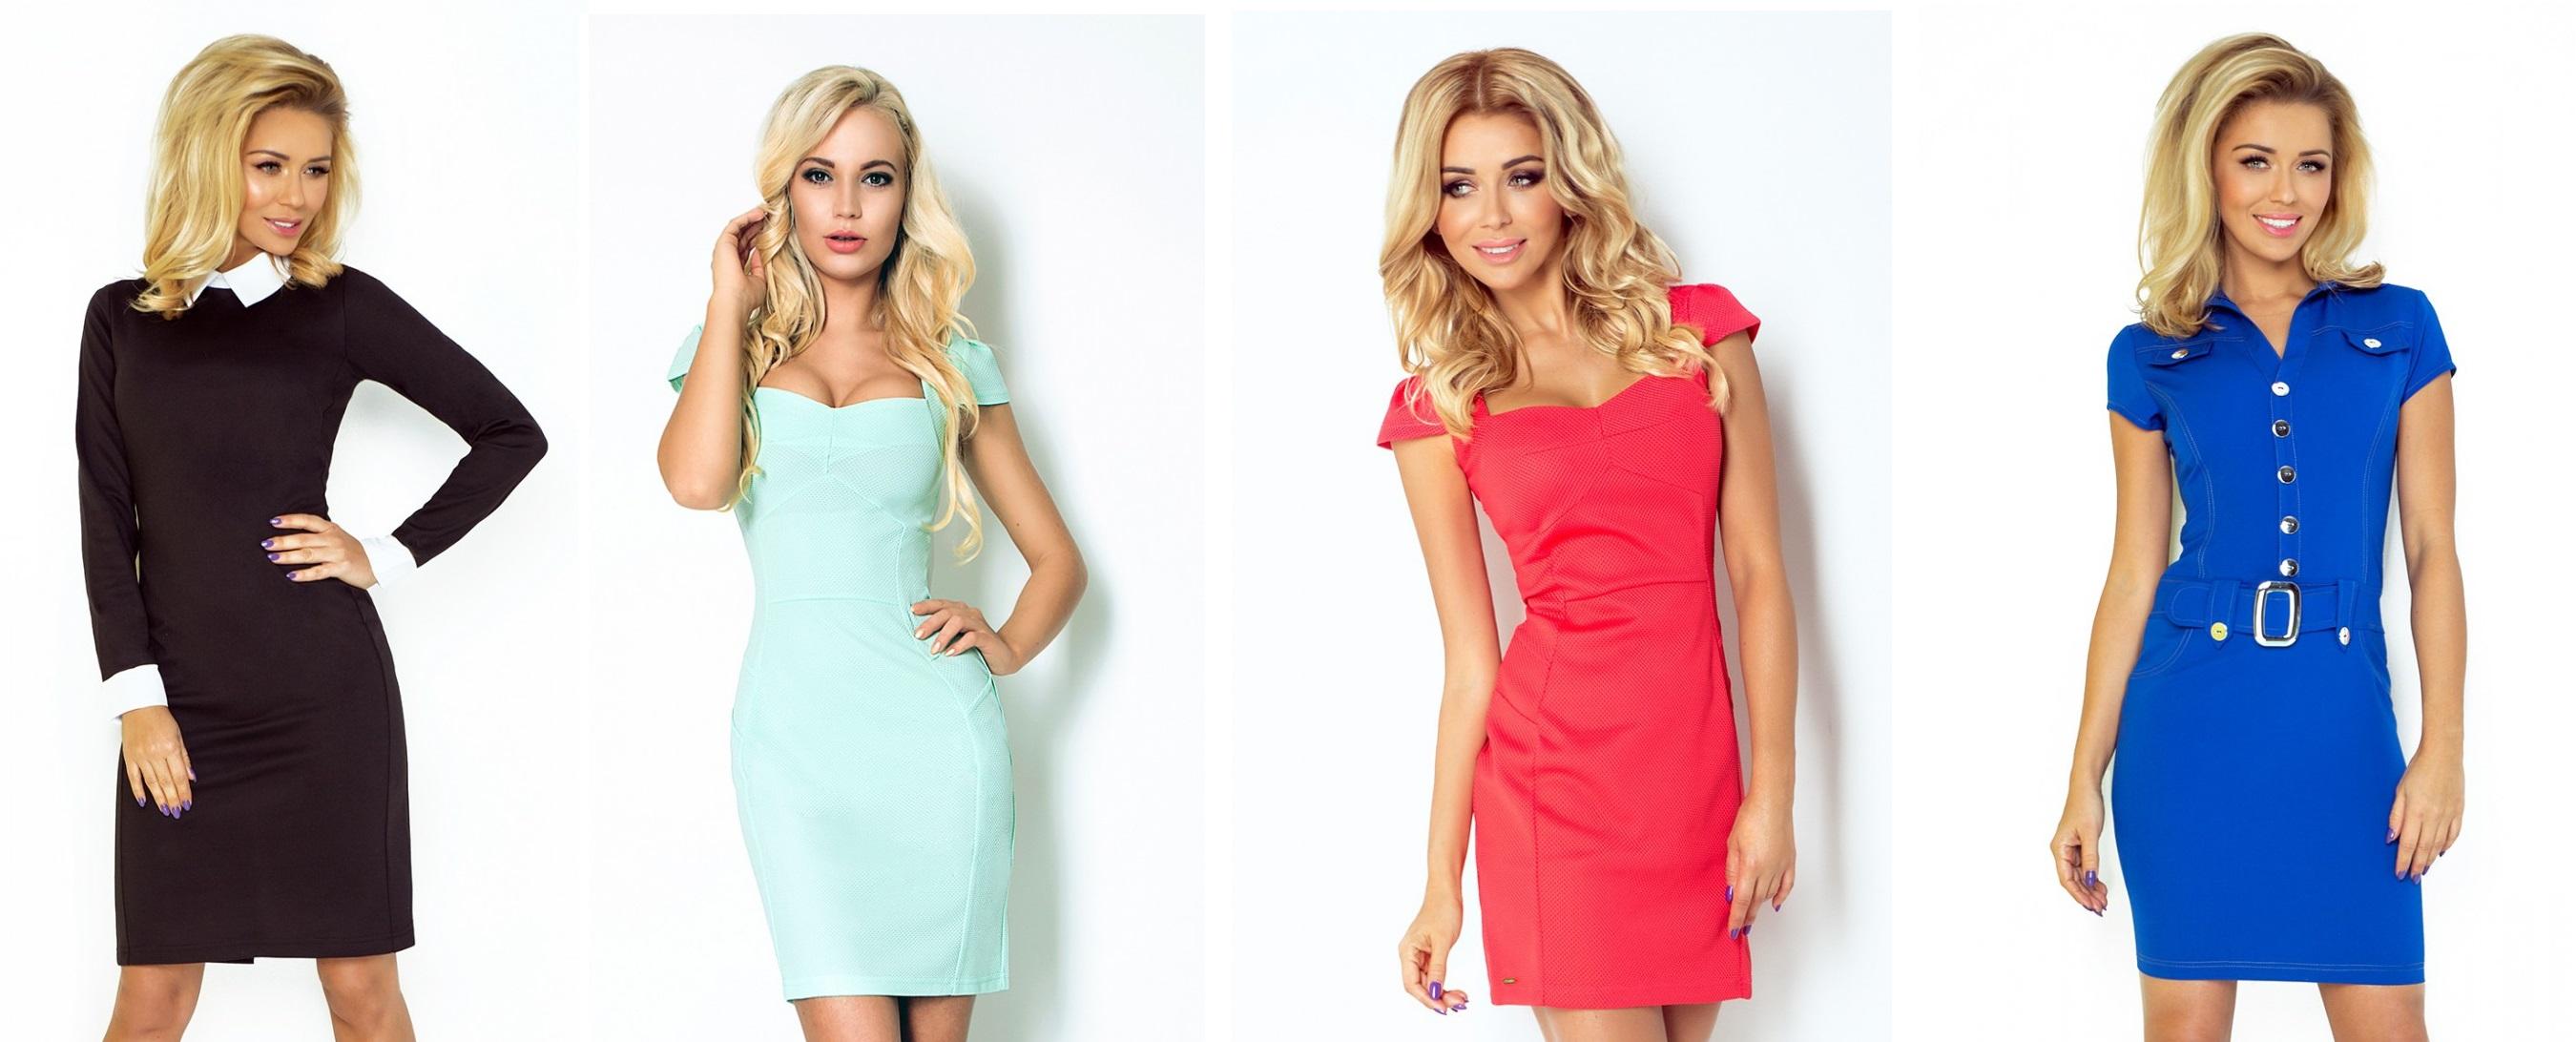 79f68e84e www.dajsistyle.sk - dámske štýlové oblečenie - Po čom túžia ženy